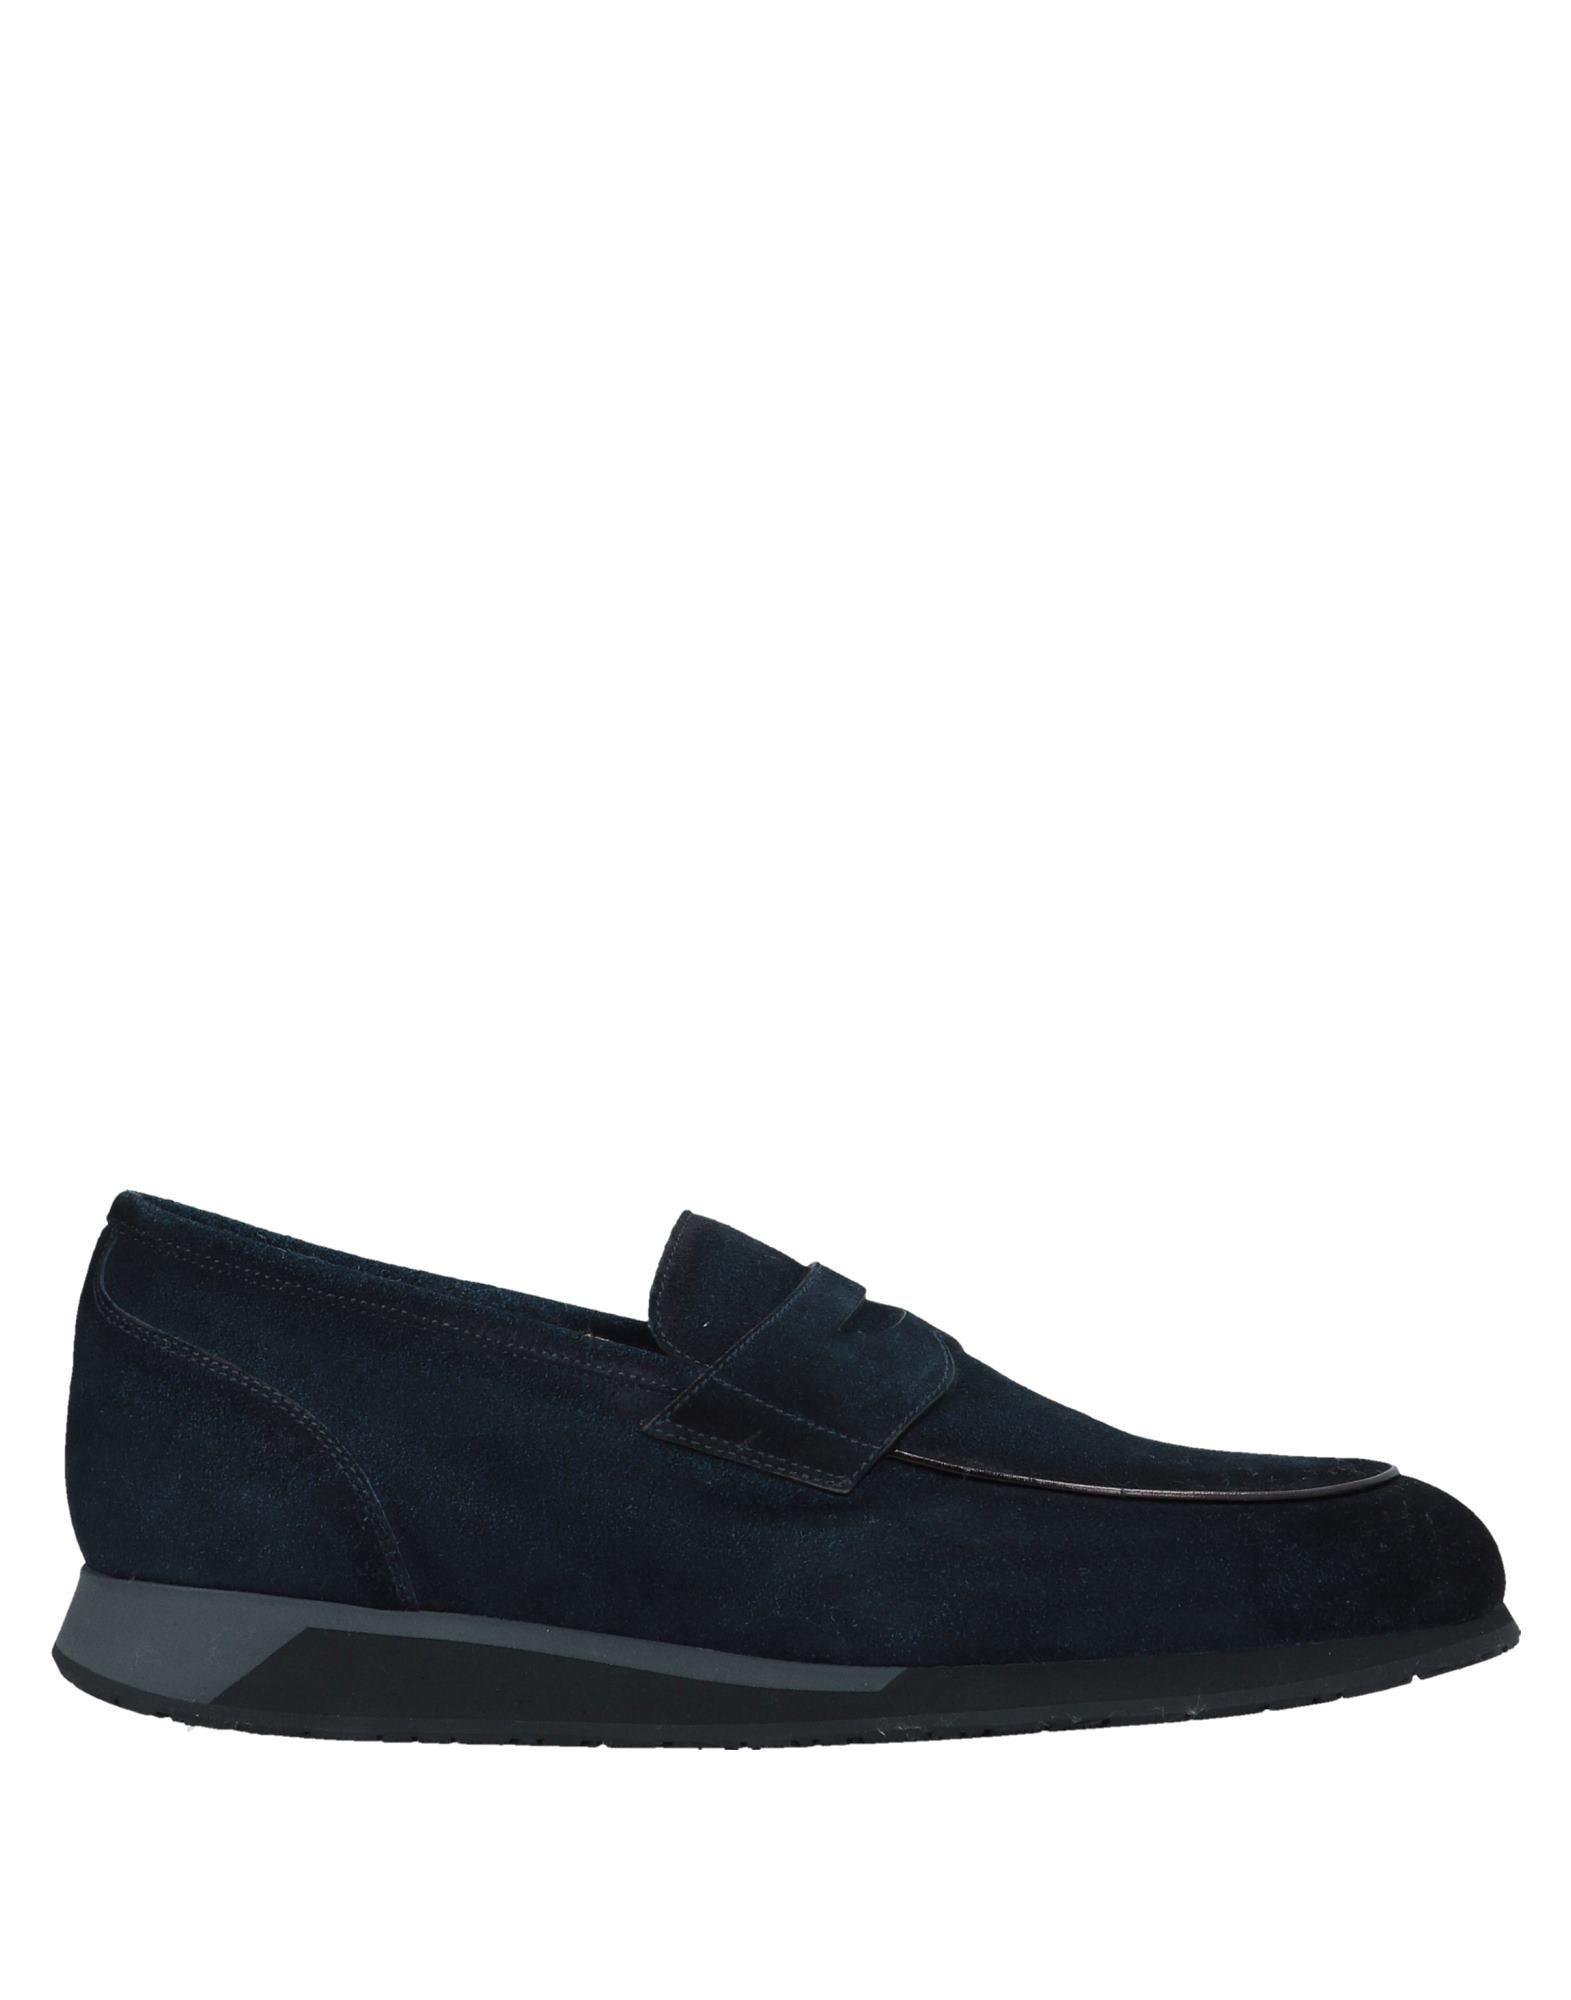 Santoni Mokassins Herren  11543225WK Gute Qualität beliebte Schuhe